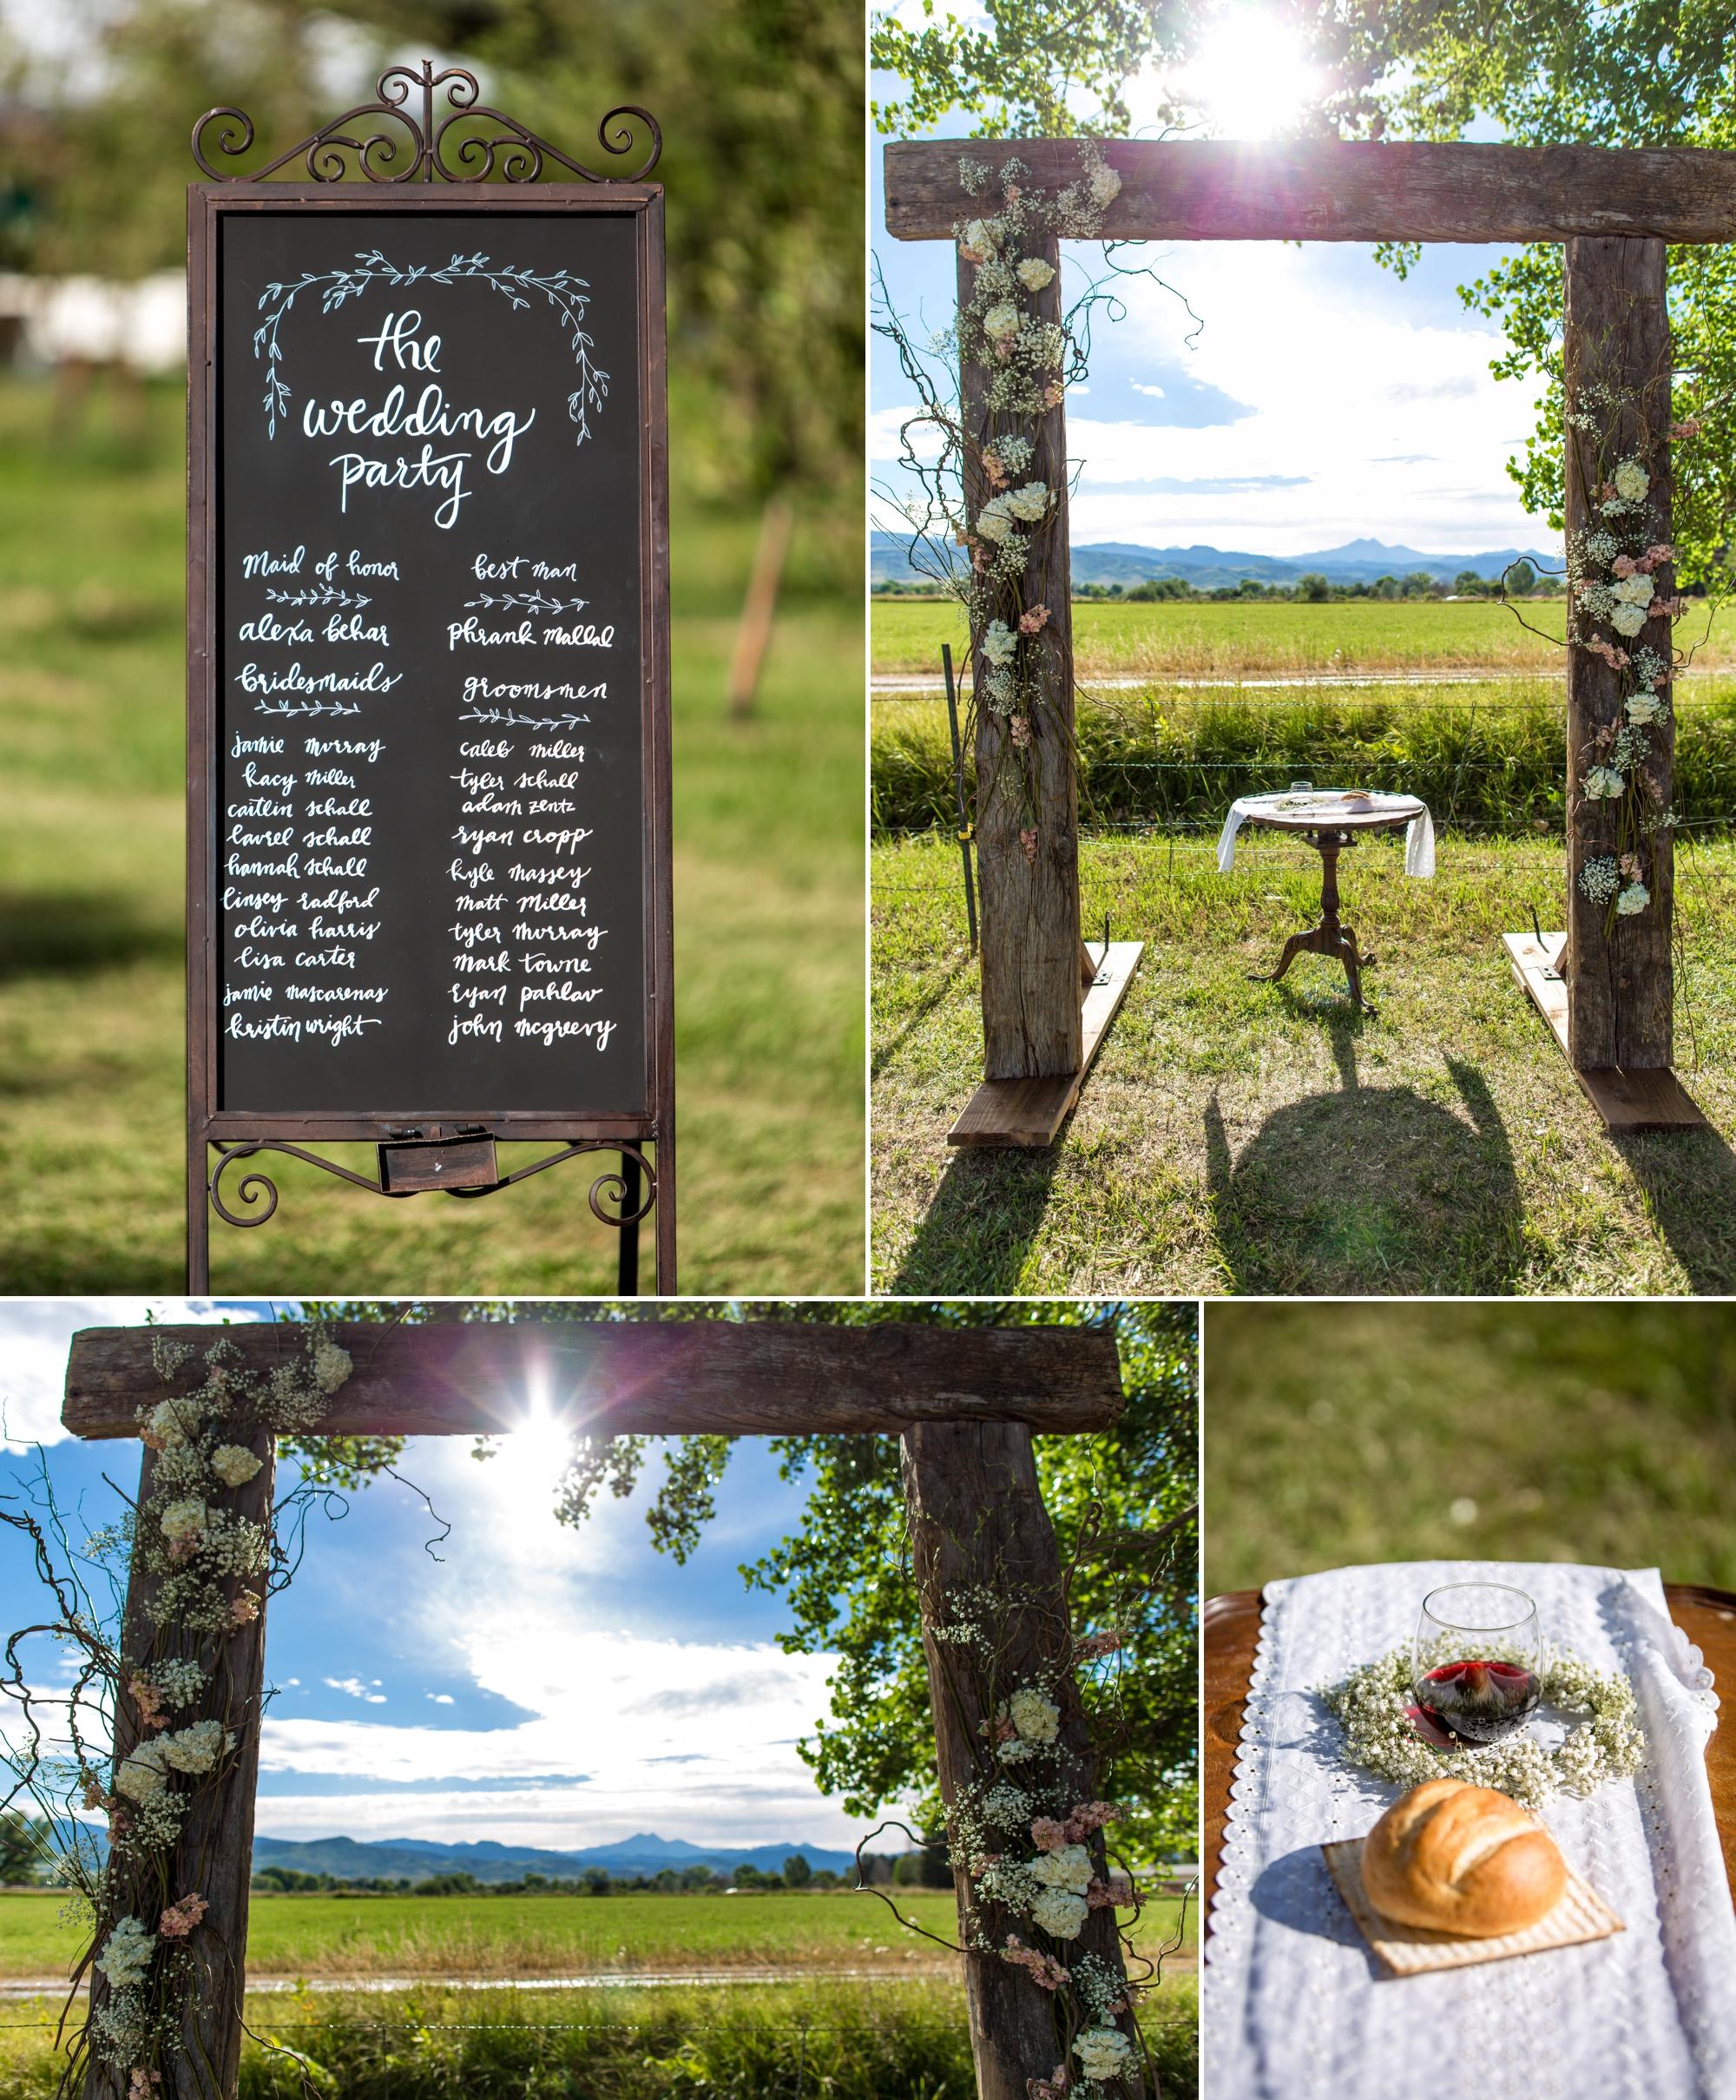 Ya Ya Farm & Orchard - Arch was handmade by the groom!